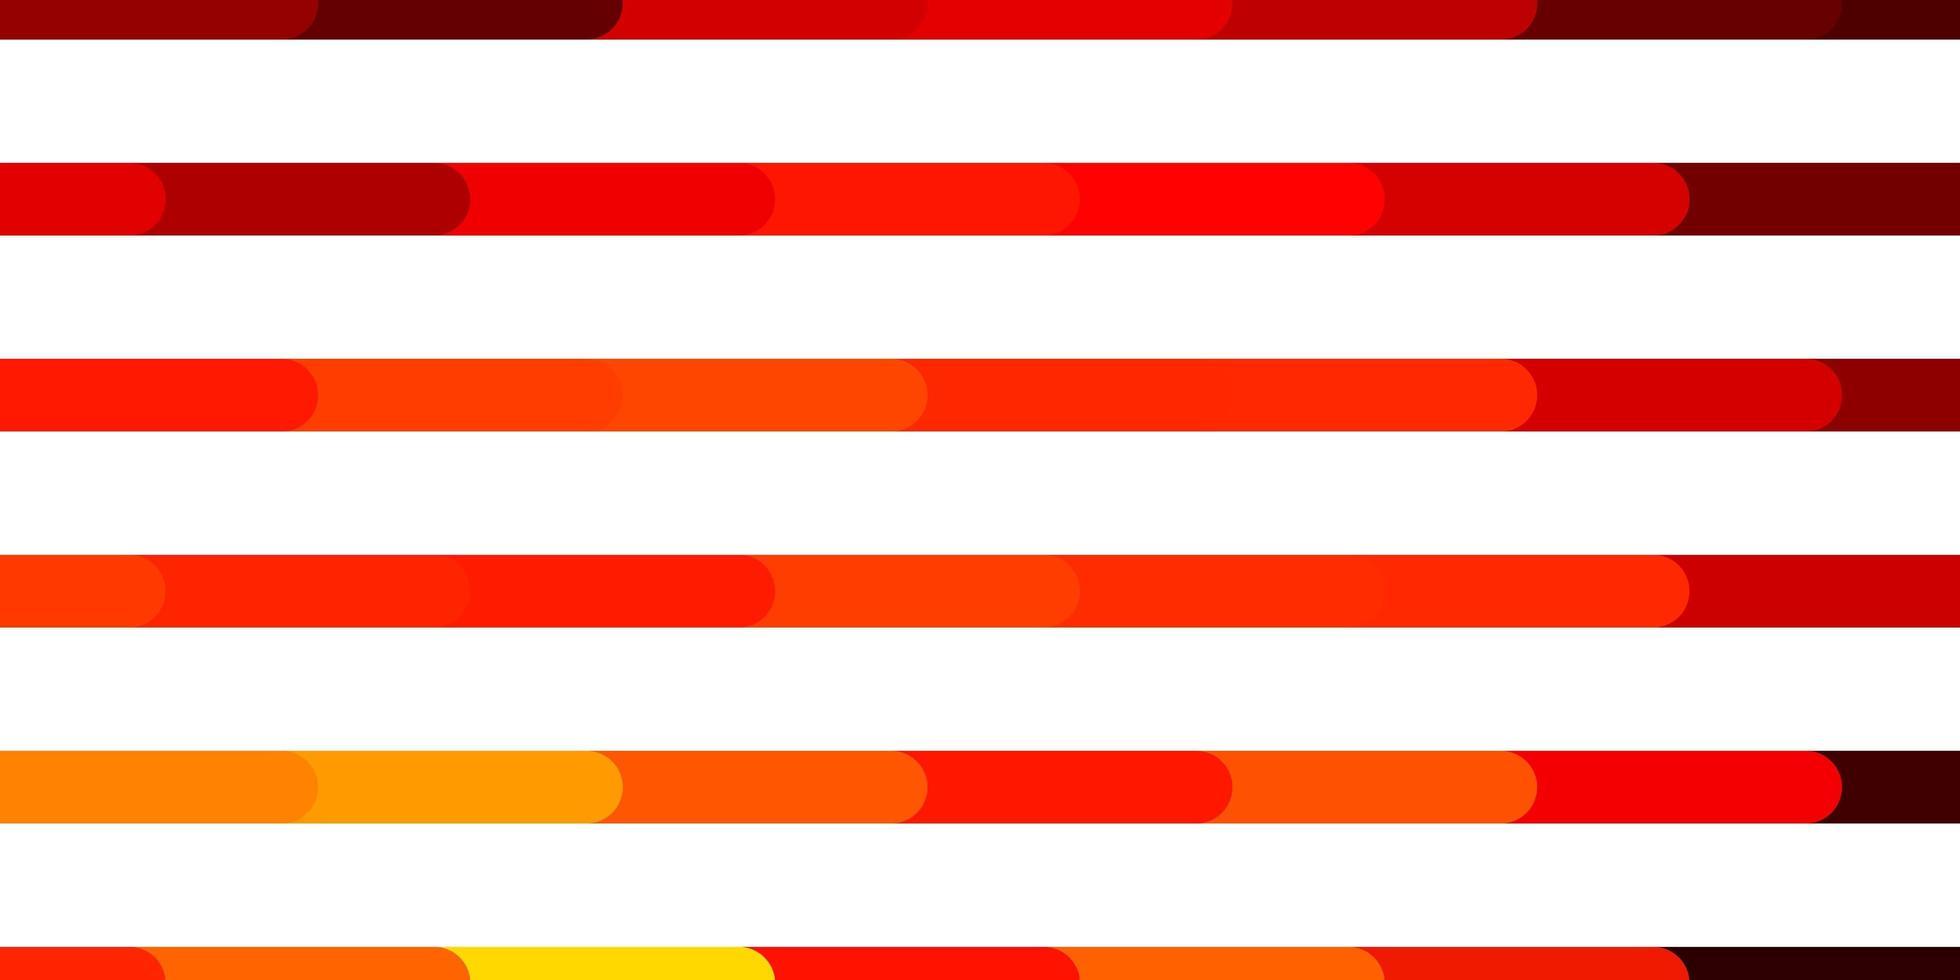 patrón de vector naranja oscuro con líneas